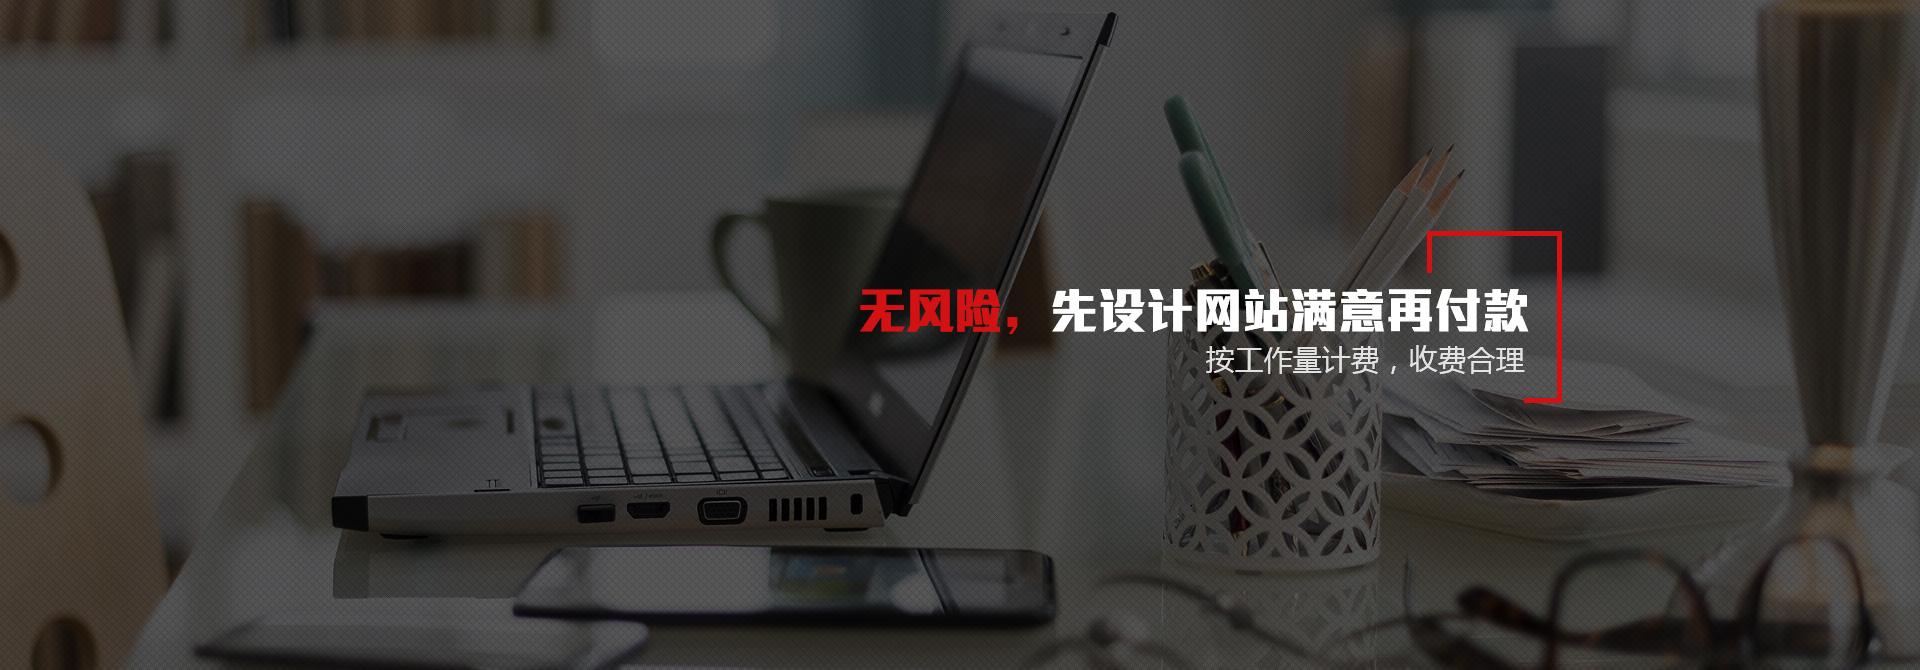 雄飞网络bob足球app下载建设